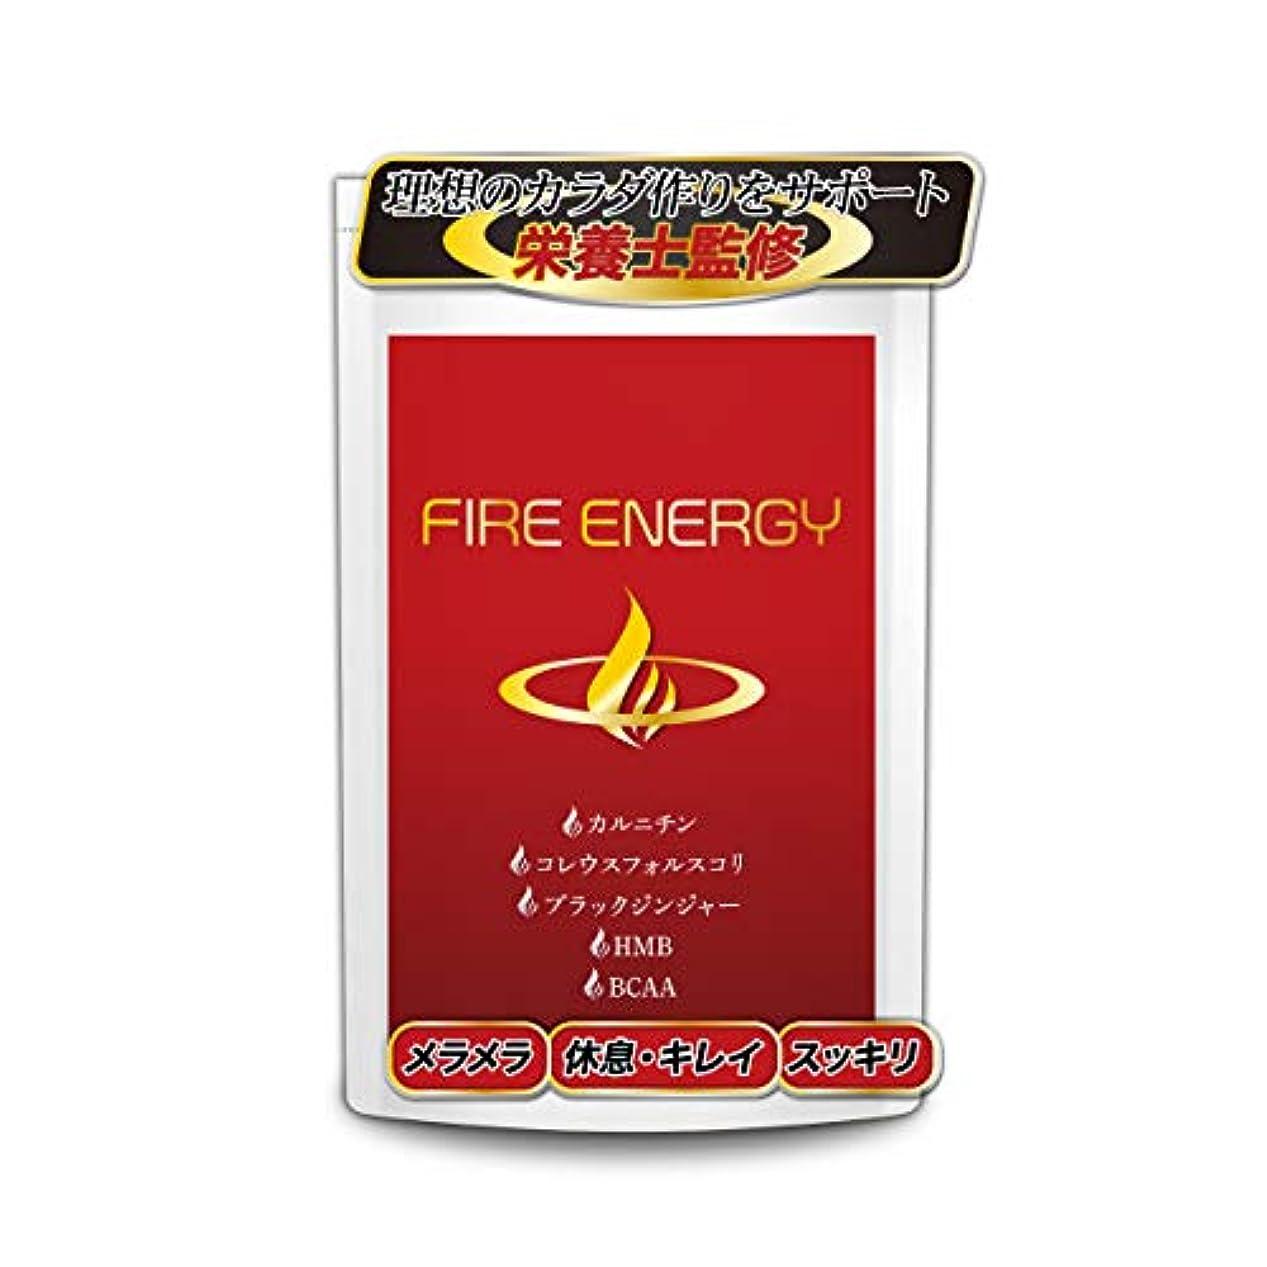 フラップタックハッピーFIRE ENERGY ダイエット サプリ 燃焼 HMB BCAA サプリメント(30日分60粒入り)